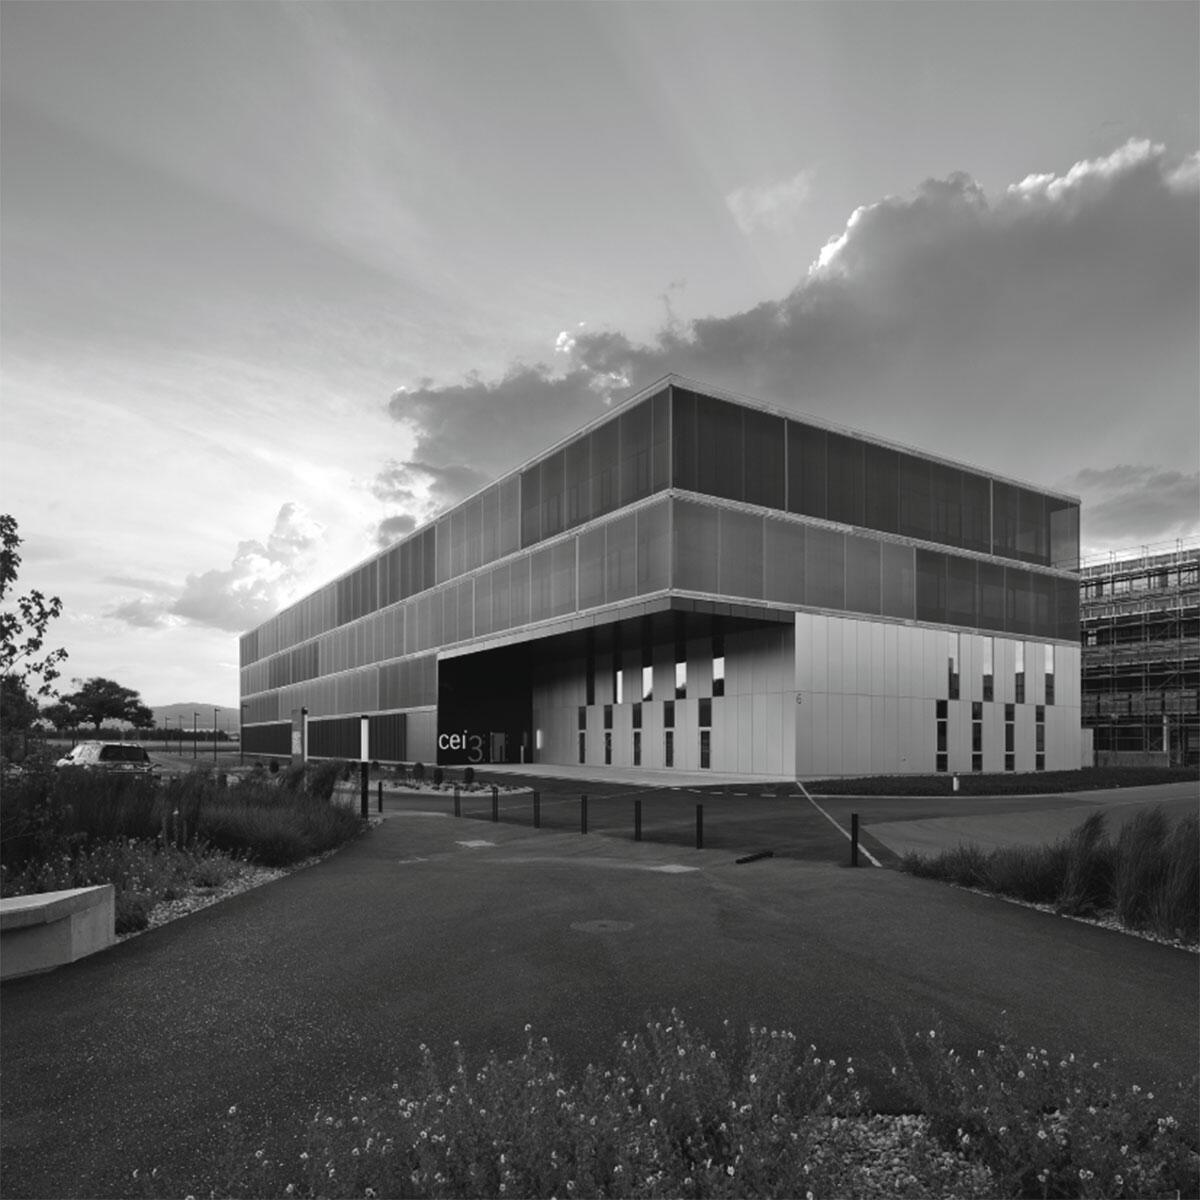 CEI 3 Centre d\\\\\\'Enterprise et d\\\\\\'Innovation, Yverdon-les-Bains von bauzeit Architekten, Biel-Bienne